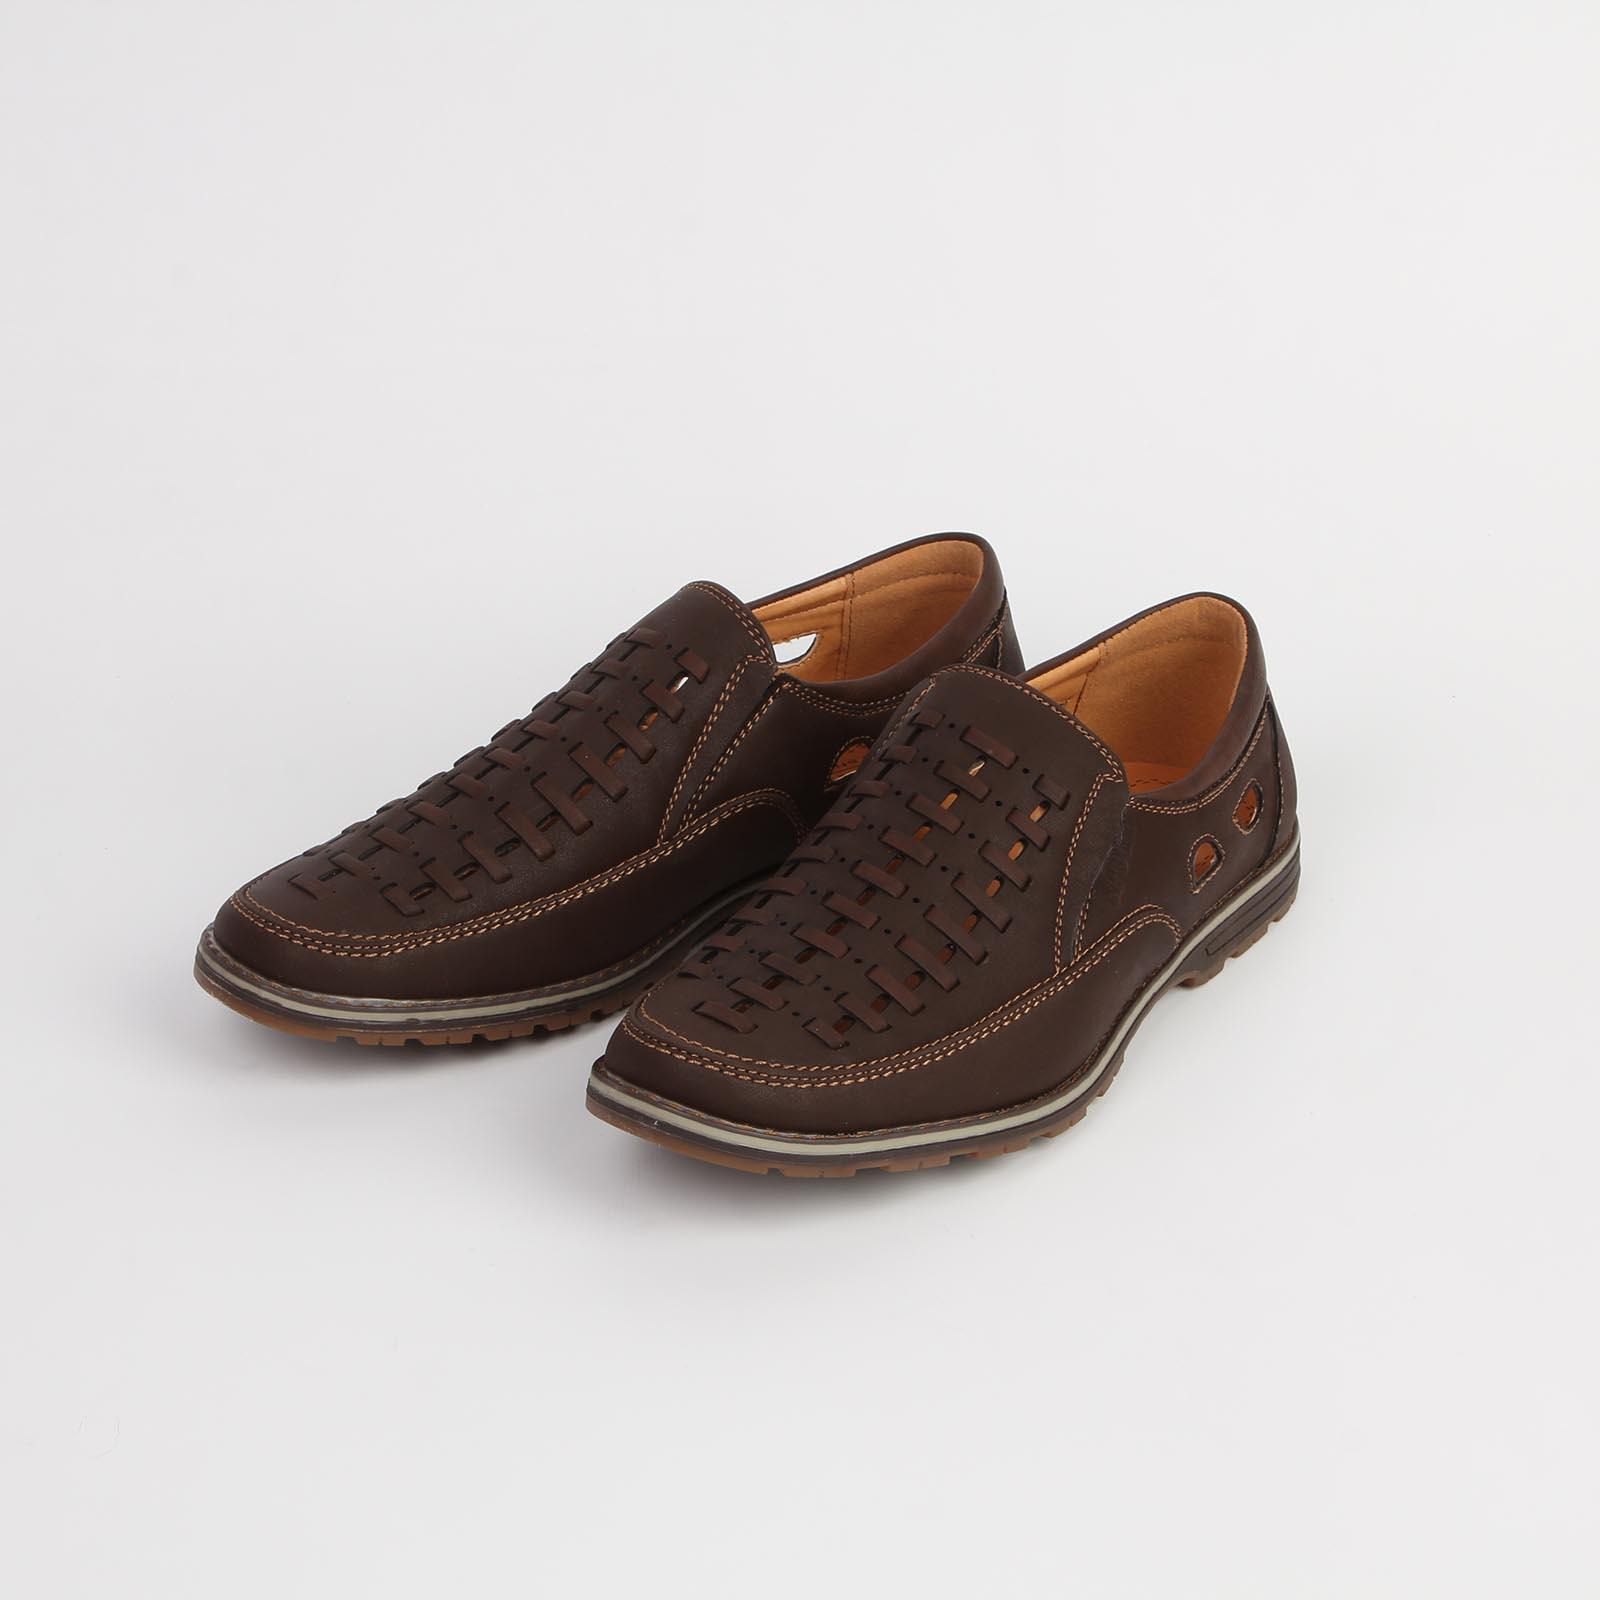 Туфли мужские с оригинальным тиснением на мысу